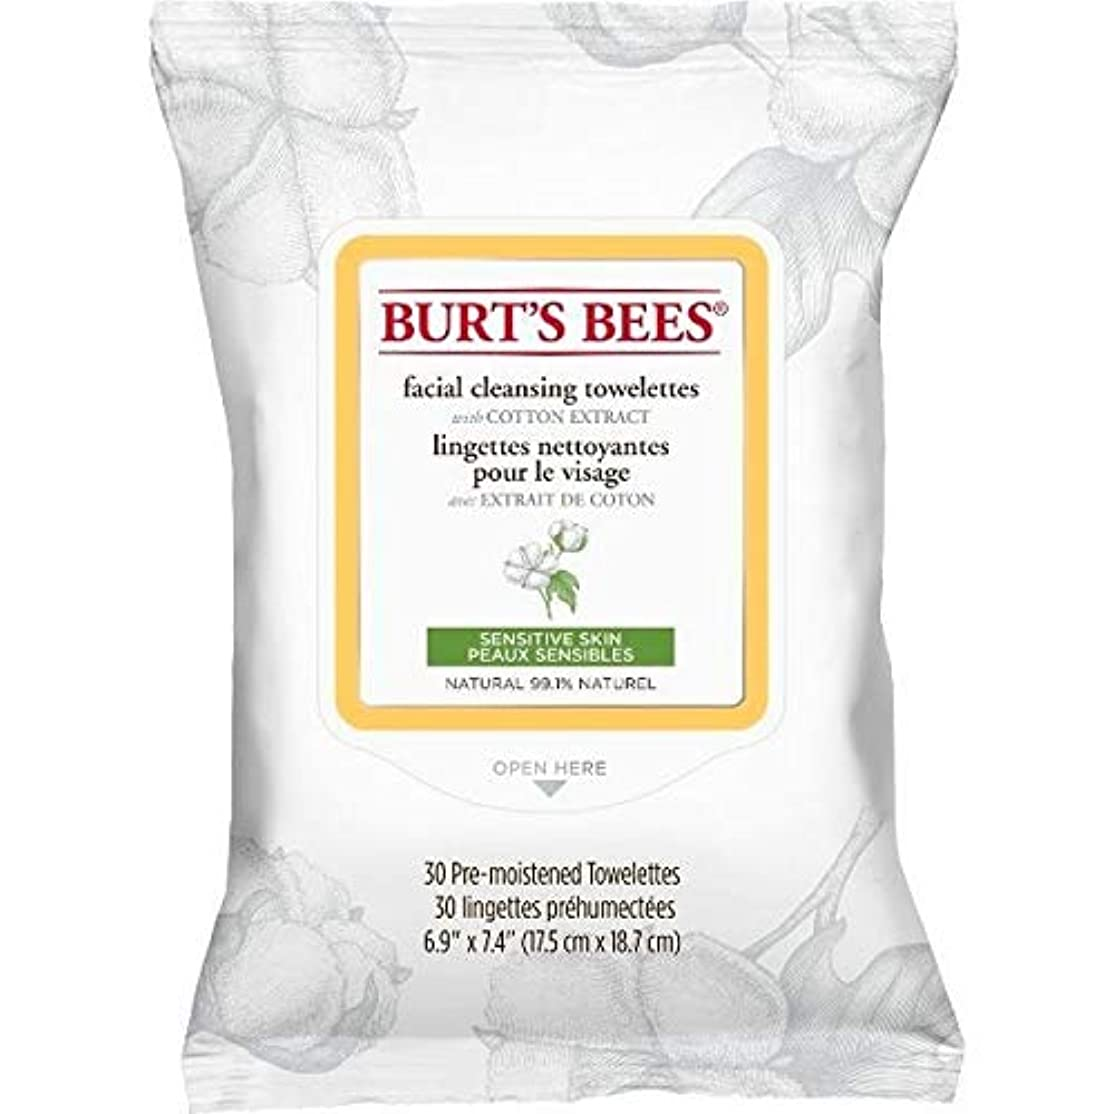 オークランド池エミュレーション[Burt's Bees ] バーツビー敏感な顔の浄化用ペーパータオルエキスX30 - Burt's Bees Sensitive Facial Cleanse Towelettes Extract x30 [並行輸入品]